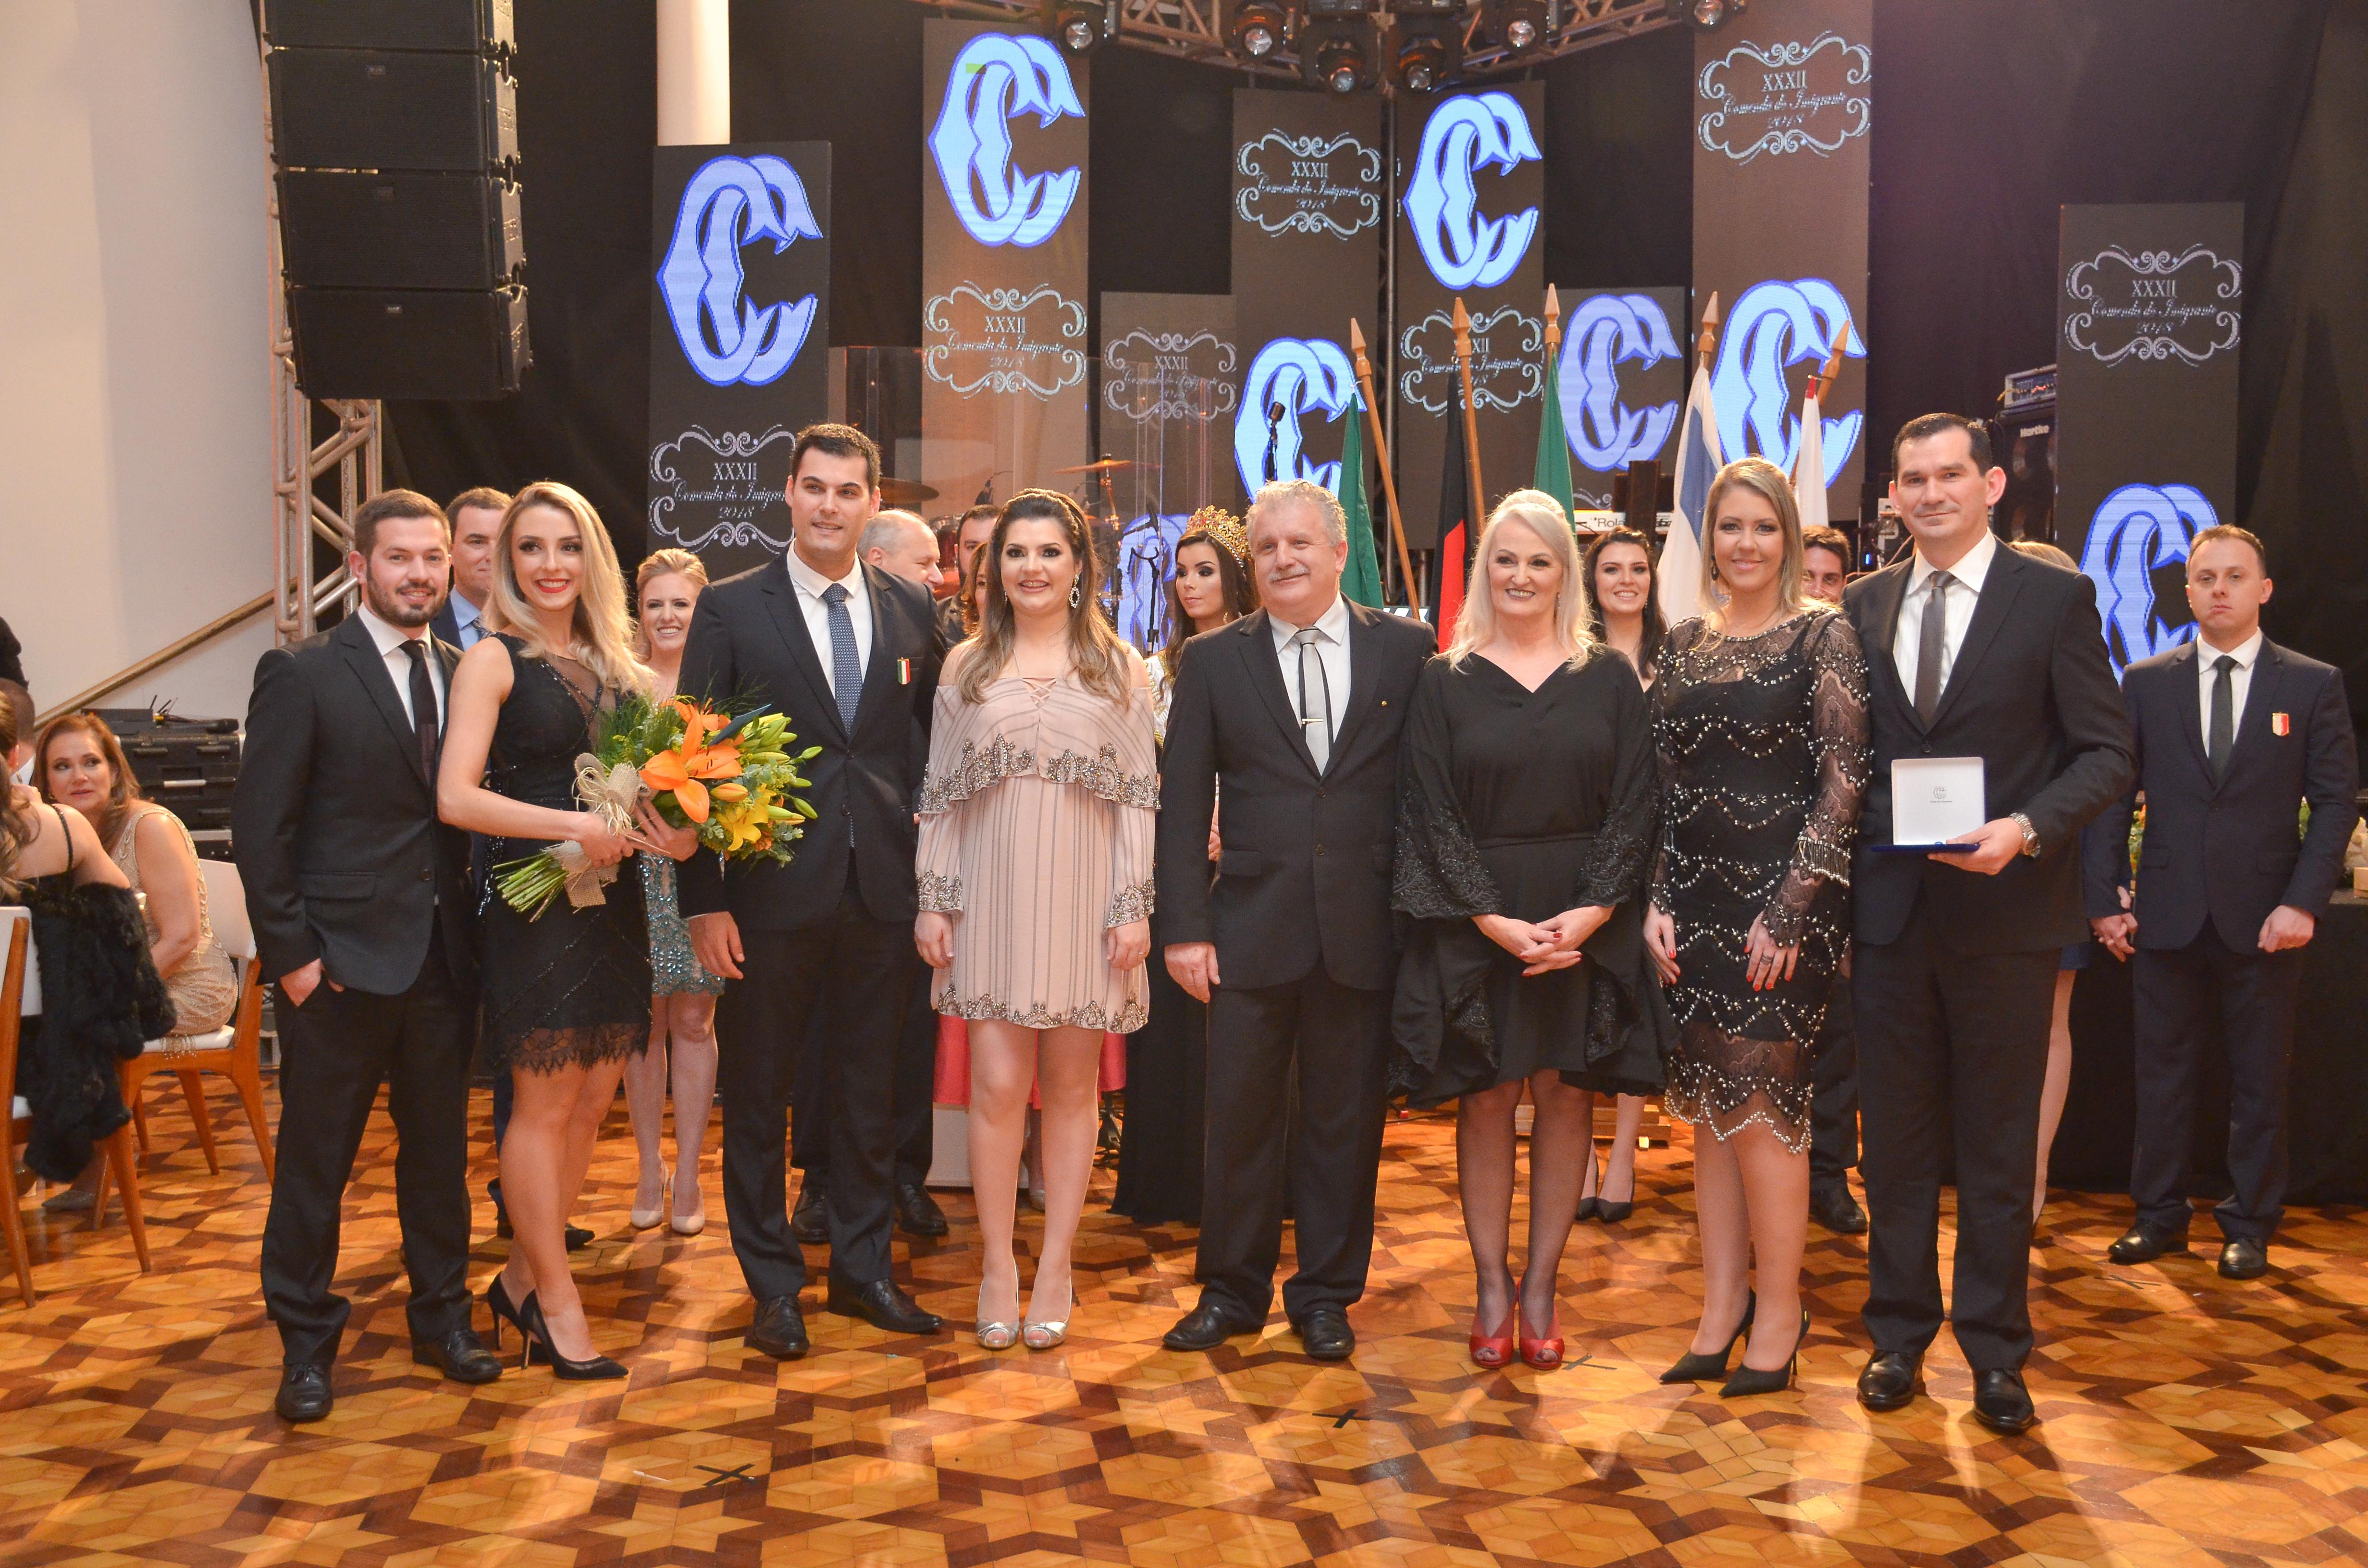 Comendadores 2019, 2018 e 2017 da Etnia Italiana